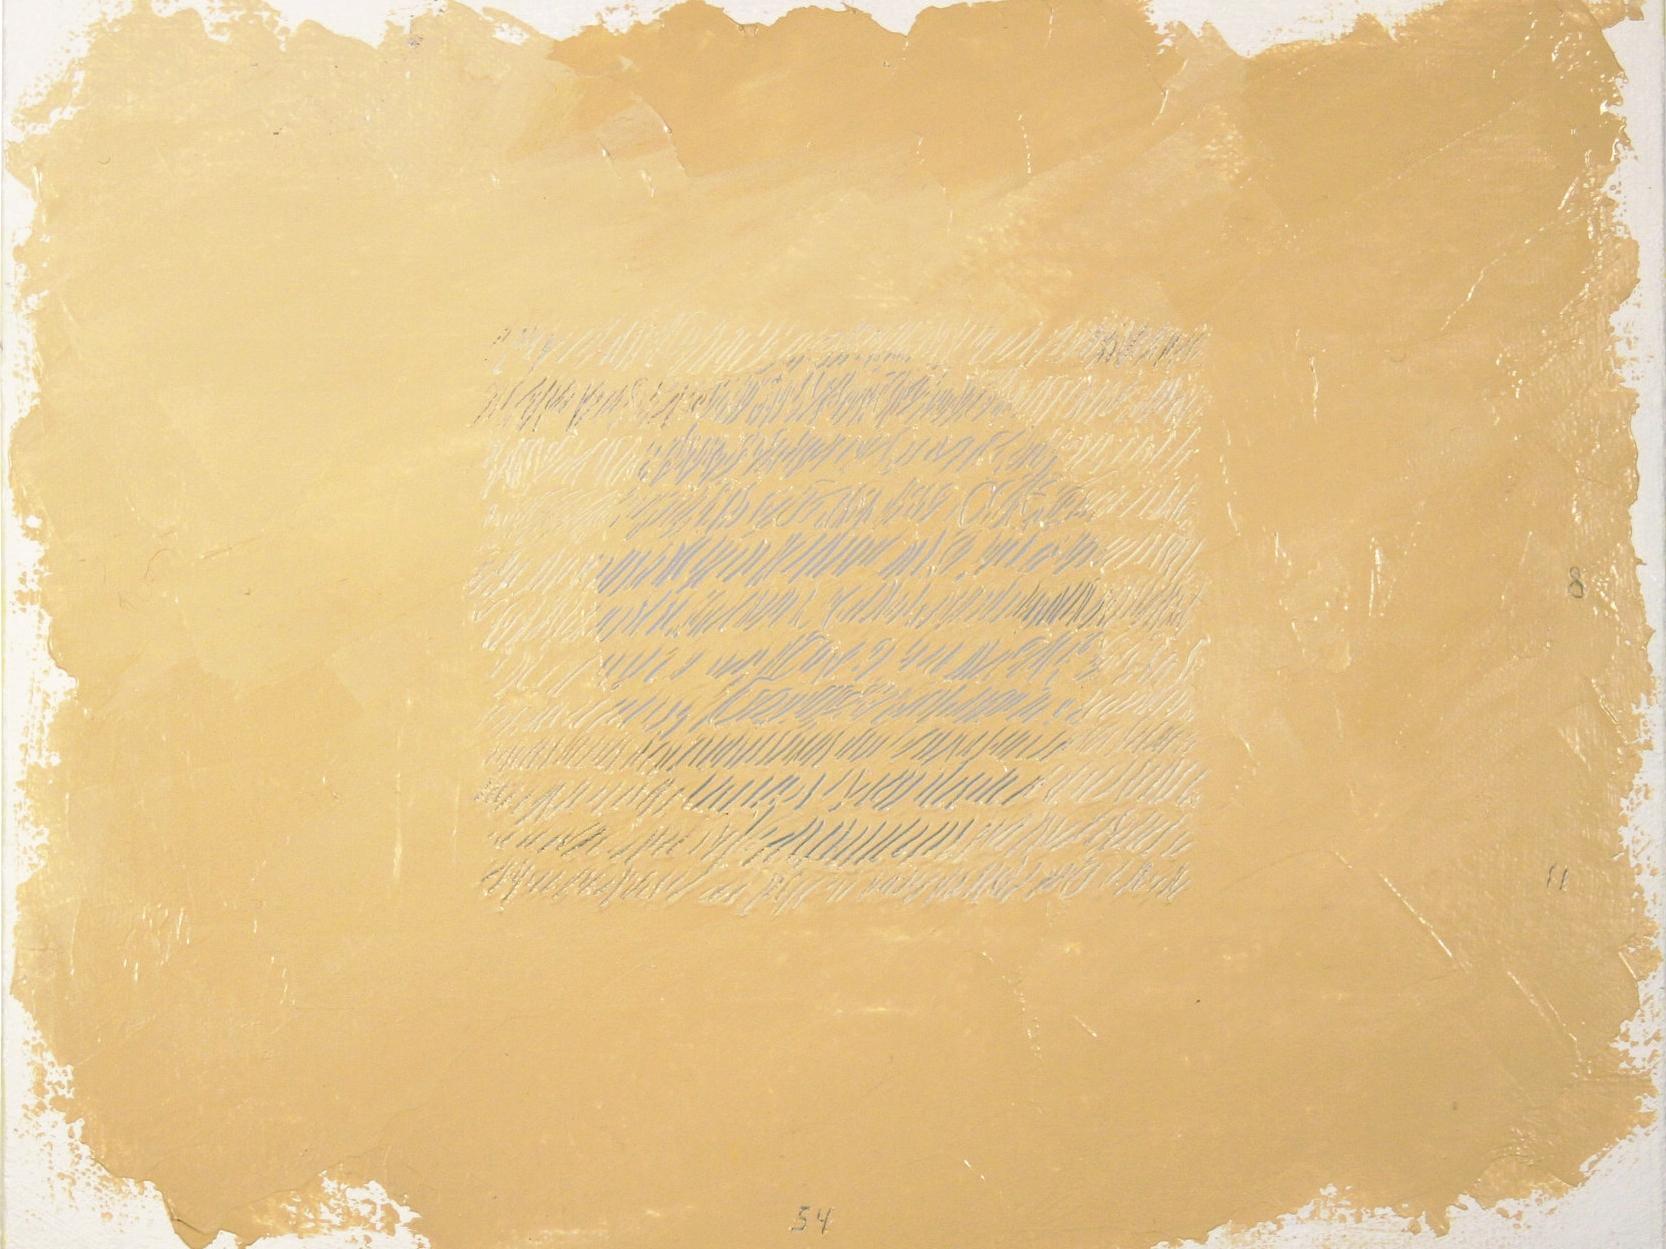 기도Prayer - An intimate exploration of transcendence and transparency: abstract and literal, veiled and unveiled.